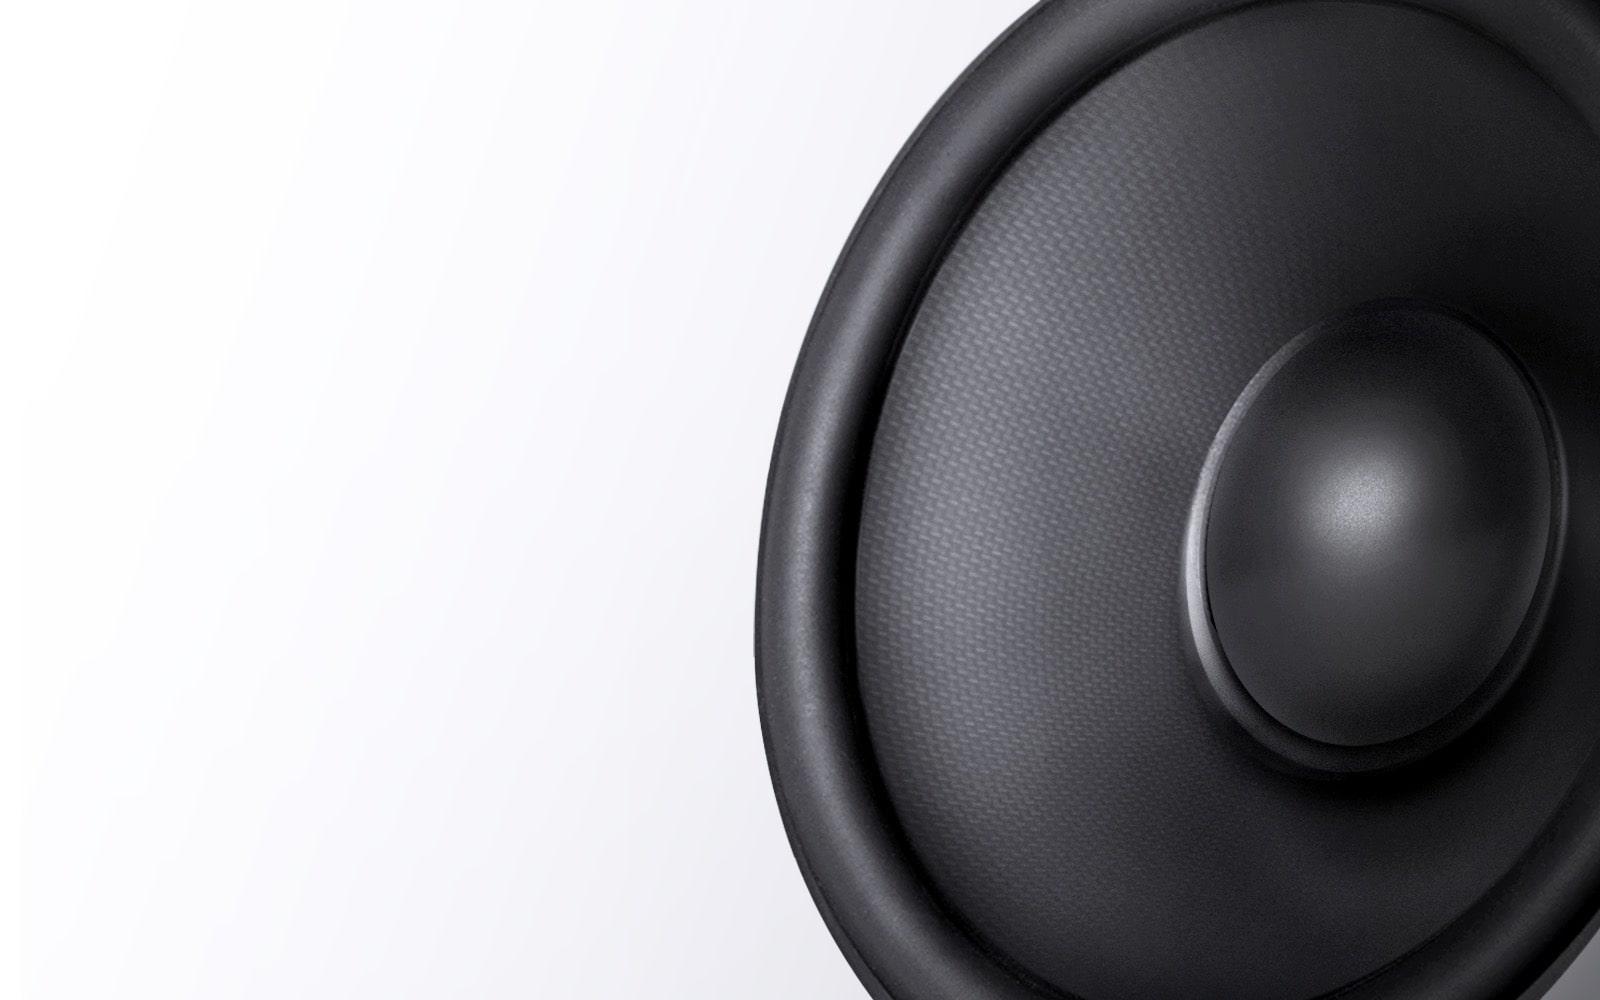 CAV-SoundBar-SL4Y-01-Carbon-Woofer-for-a-High-Fidelity-Sound-Desktop